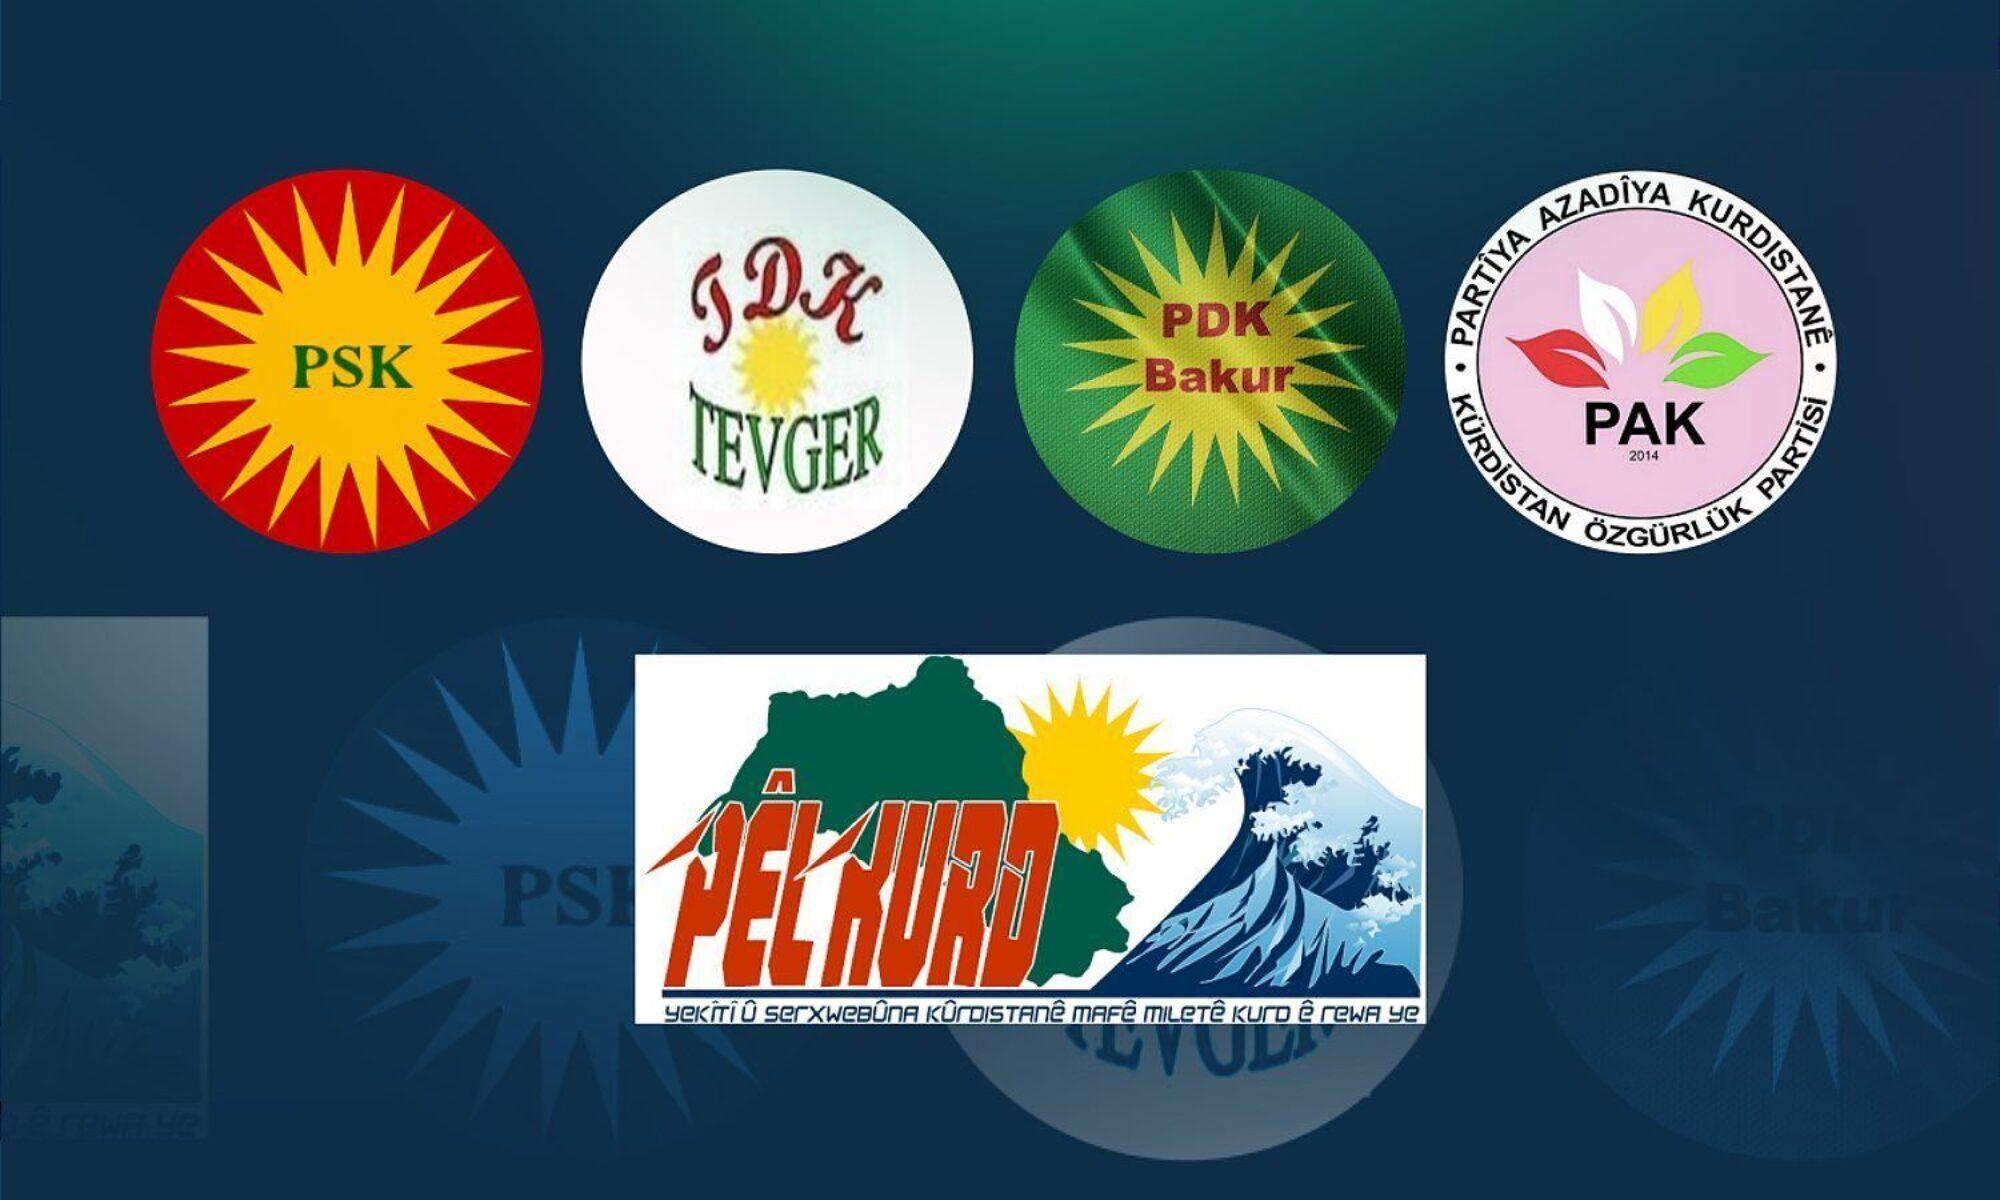 """Diyarbakır'da 5 partiden açıklama: 25 Eylül Bağımsızlık Referandumu ile ortaya konulan iradenin sahiplenilmesi ulusal bir görevdir."""""""